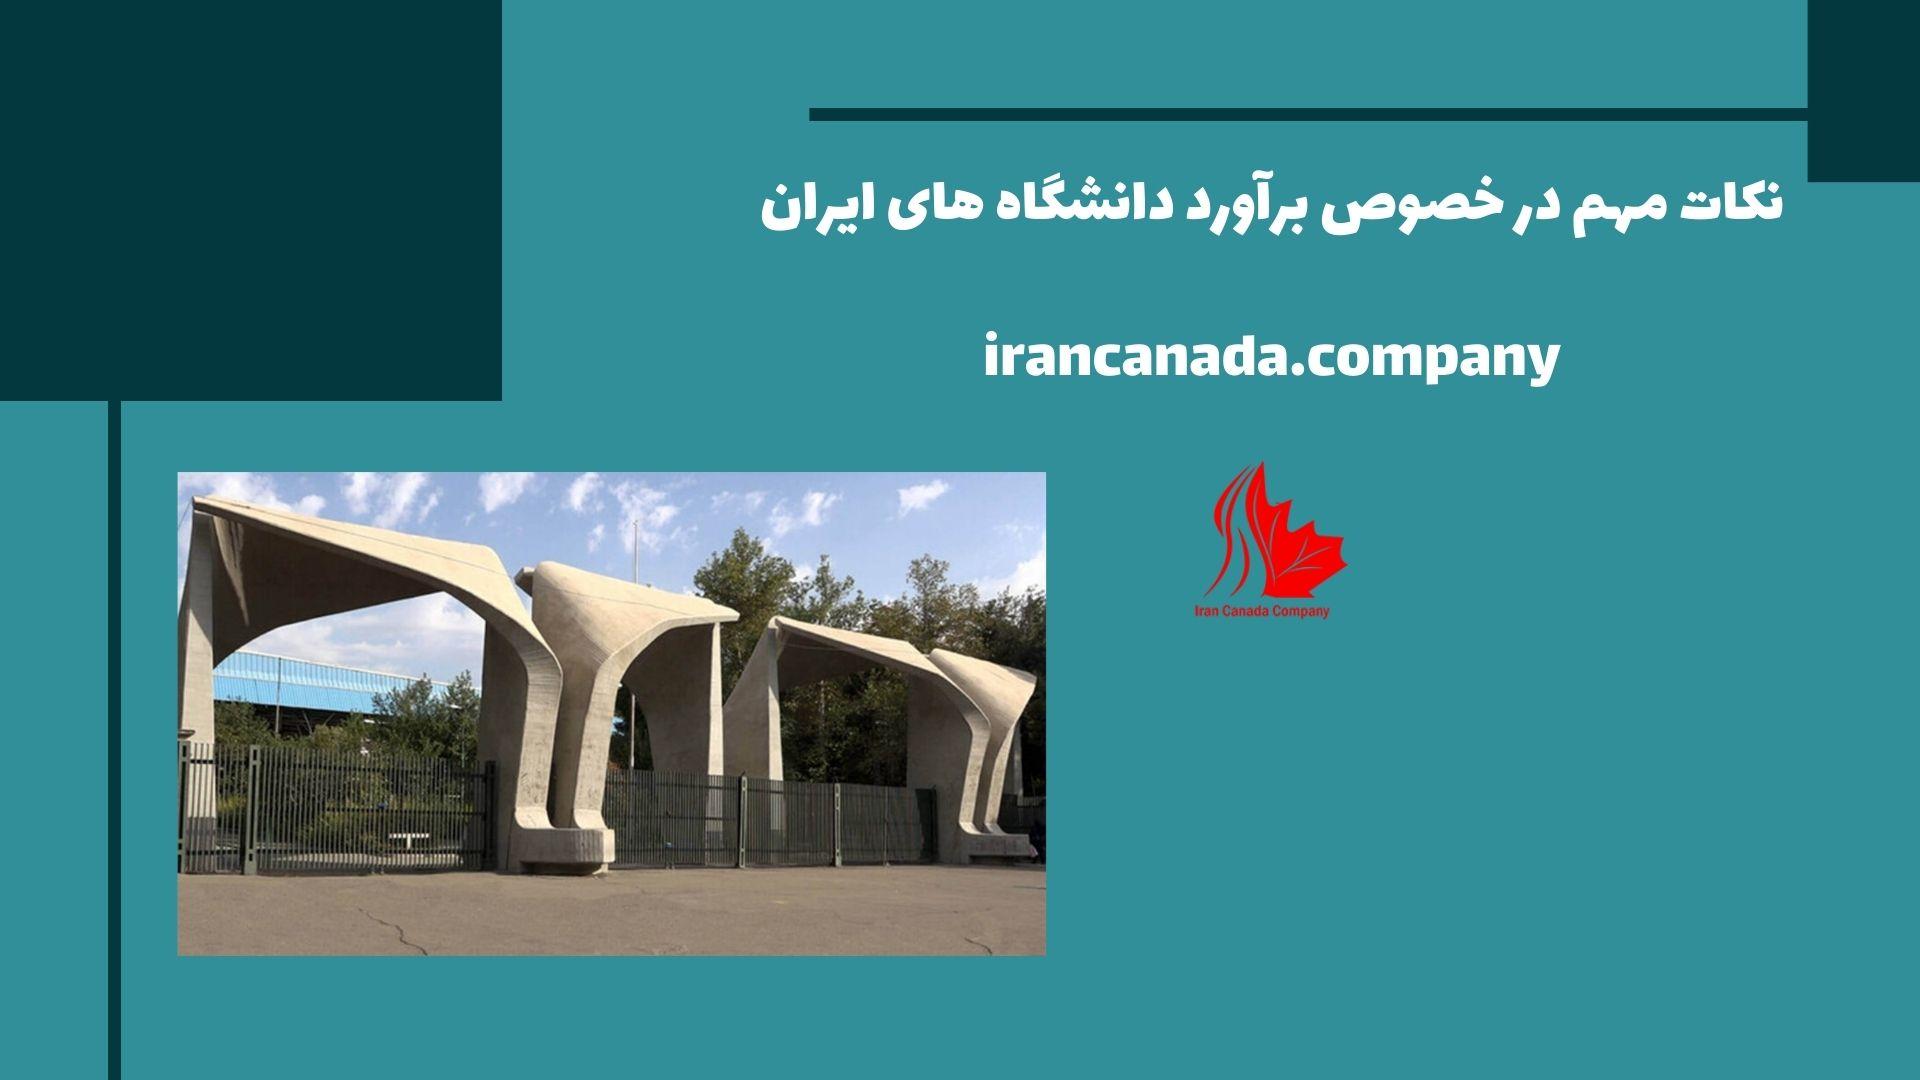 نکات مهم در خصوص برآورد دانشگاه های ایران